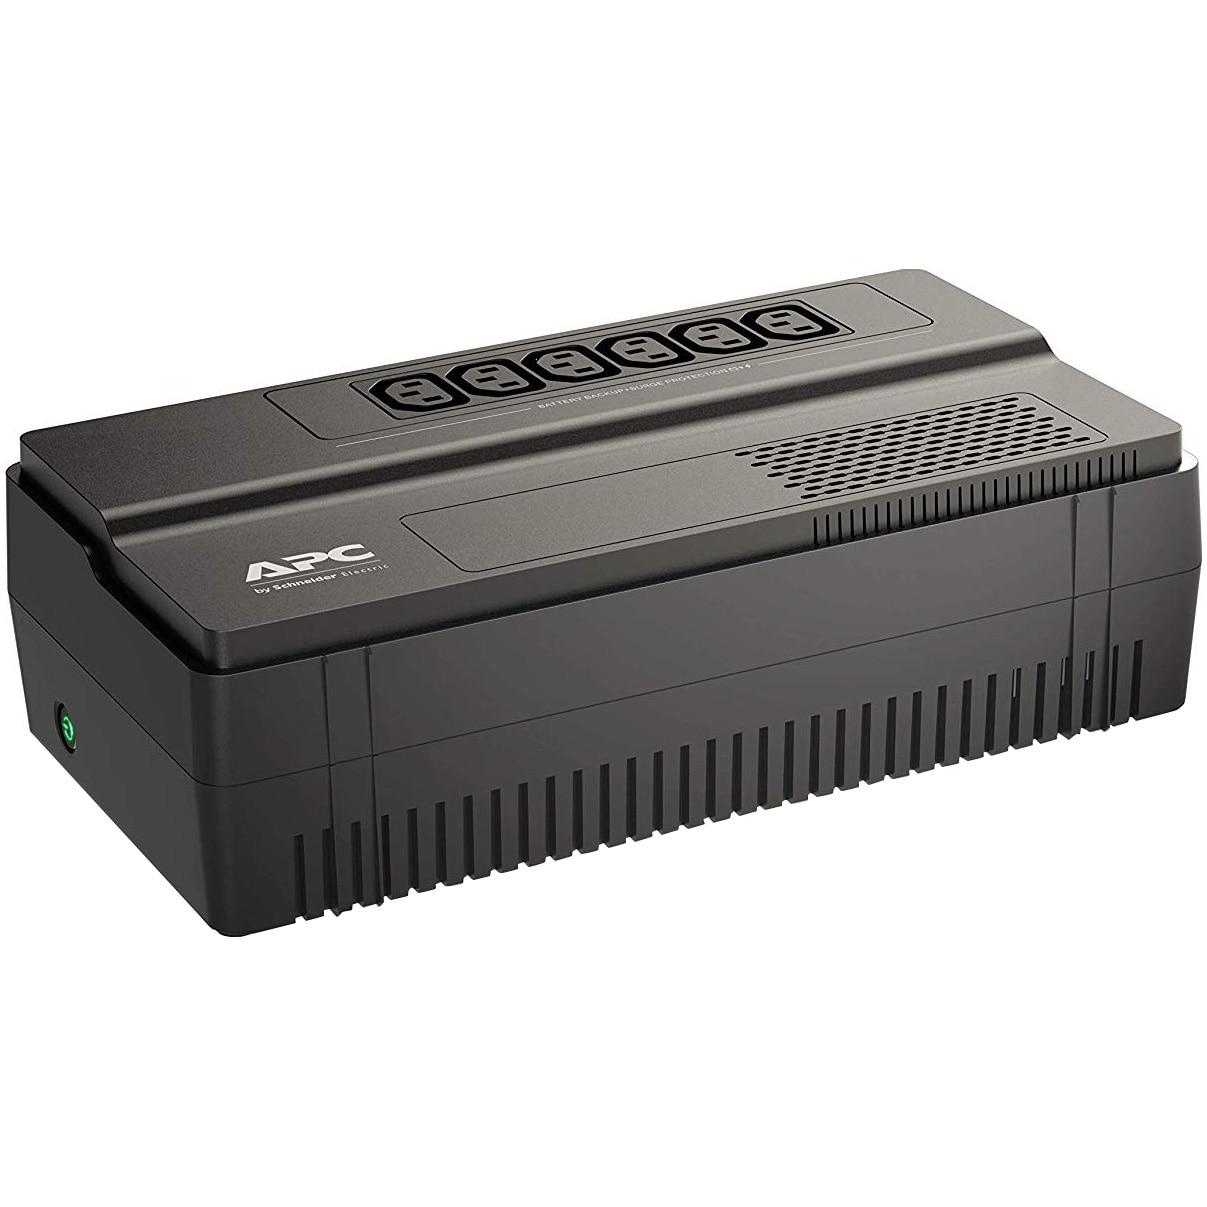 Fotografie UPS APC BV1000I 1000 VA IEC Sockets